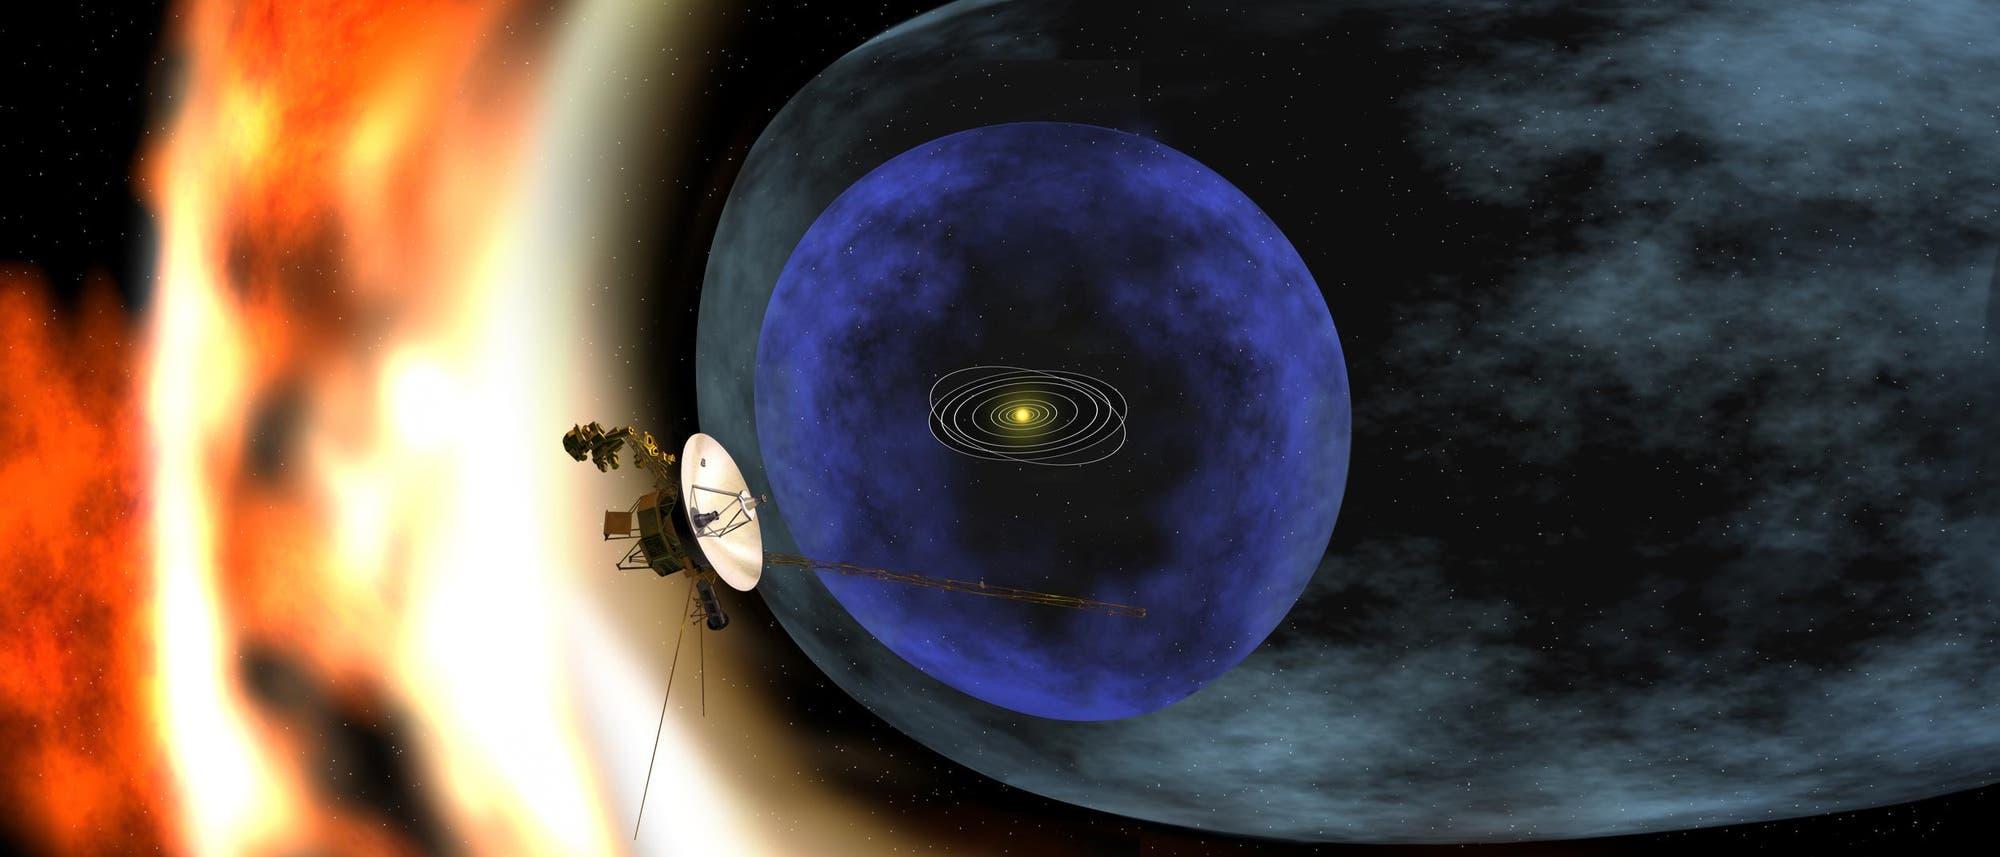 Künstlerische Darstellung einer Voyager-Raumsonde am Rand des Sonnensystems